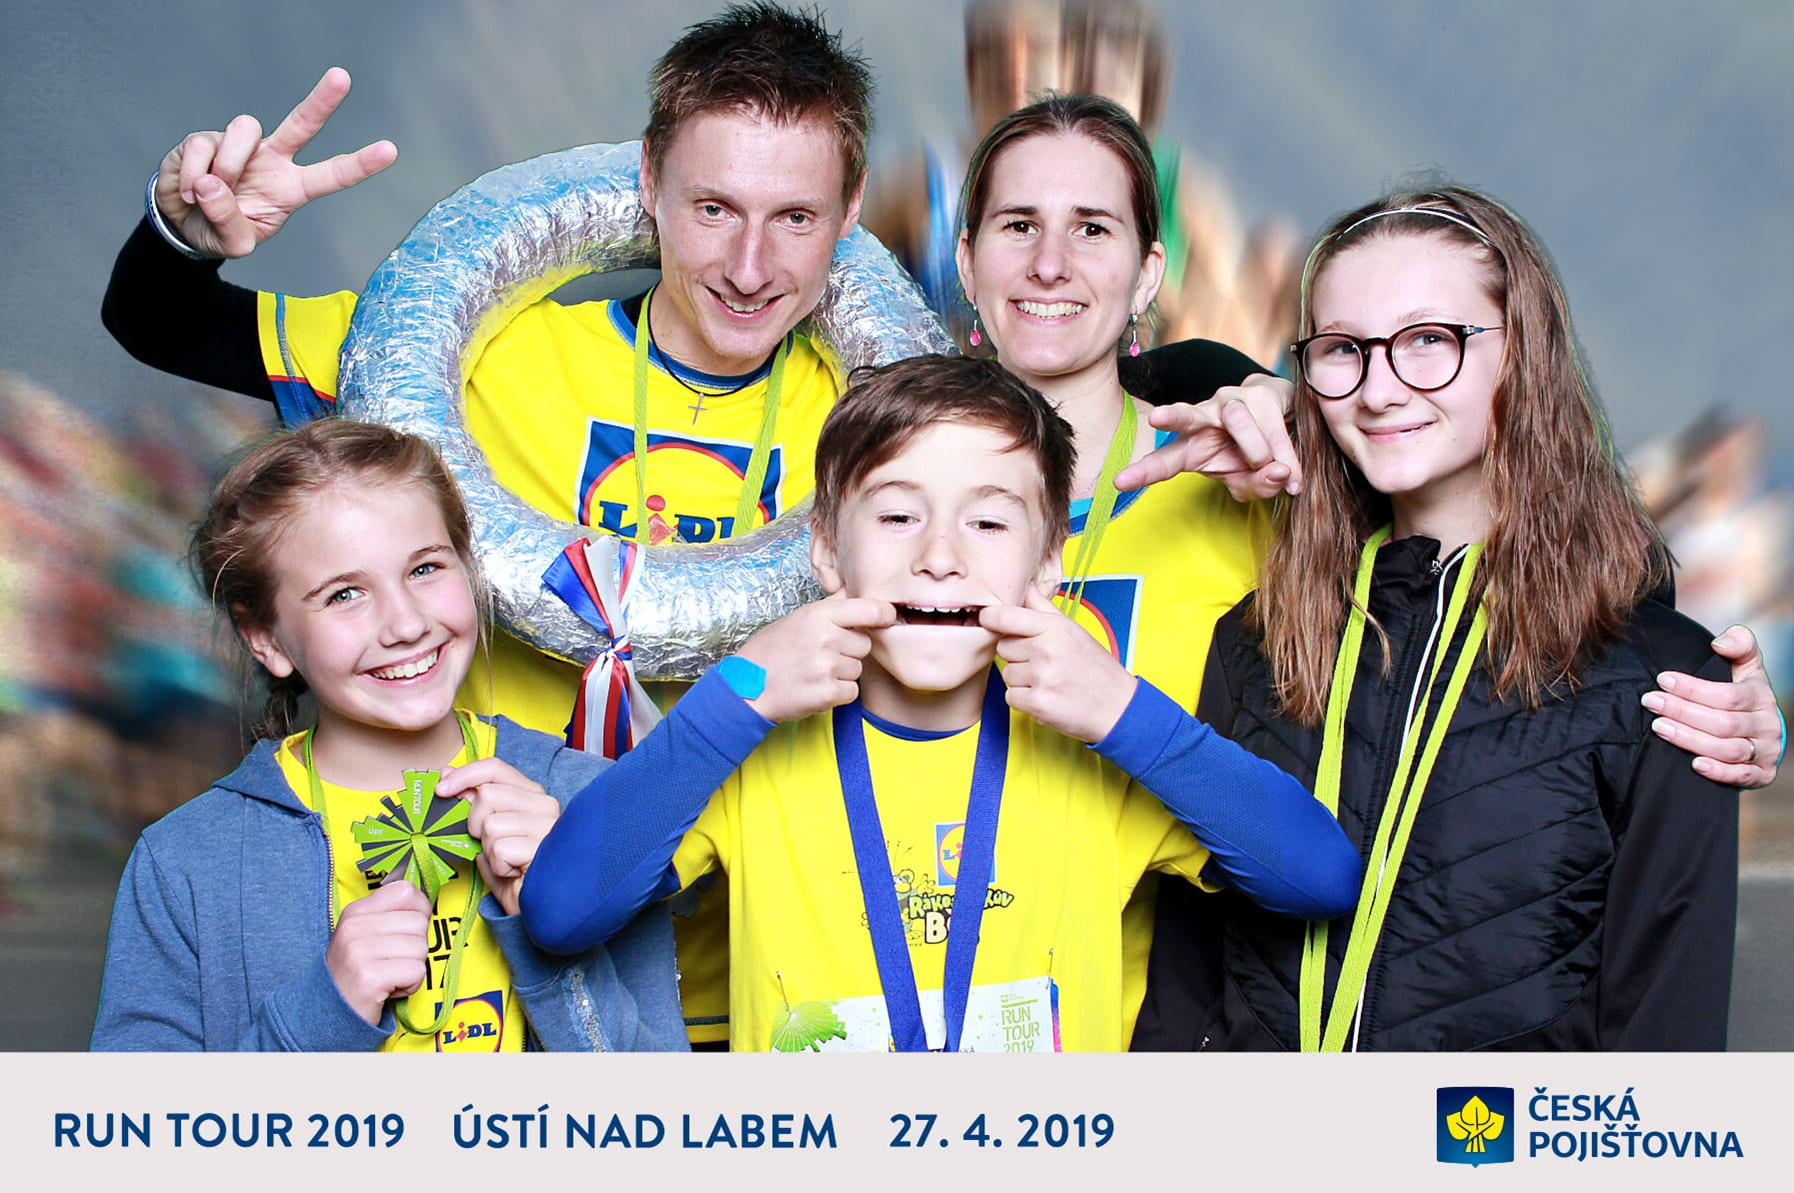 fotokoutek-family-day-usti-nad-labem-ceska-pojistovna-27-4-2019-599559